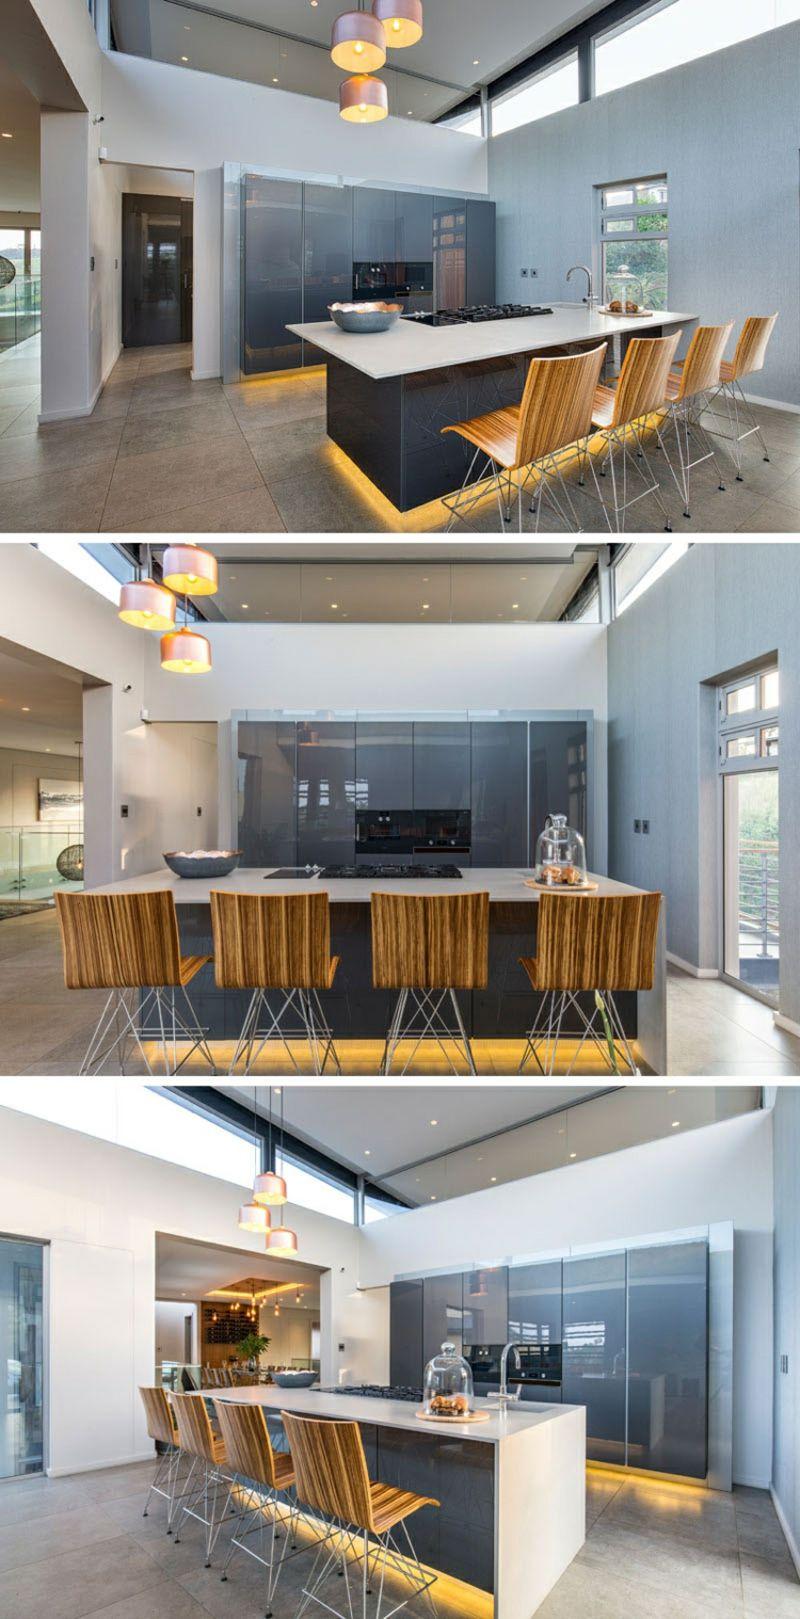 Moderne Hausentwürfe 7 schöne häuser mit eindrucksvoller architektur aus aller ecken der